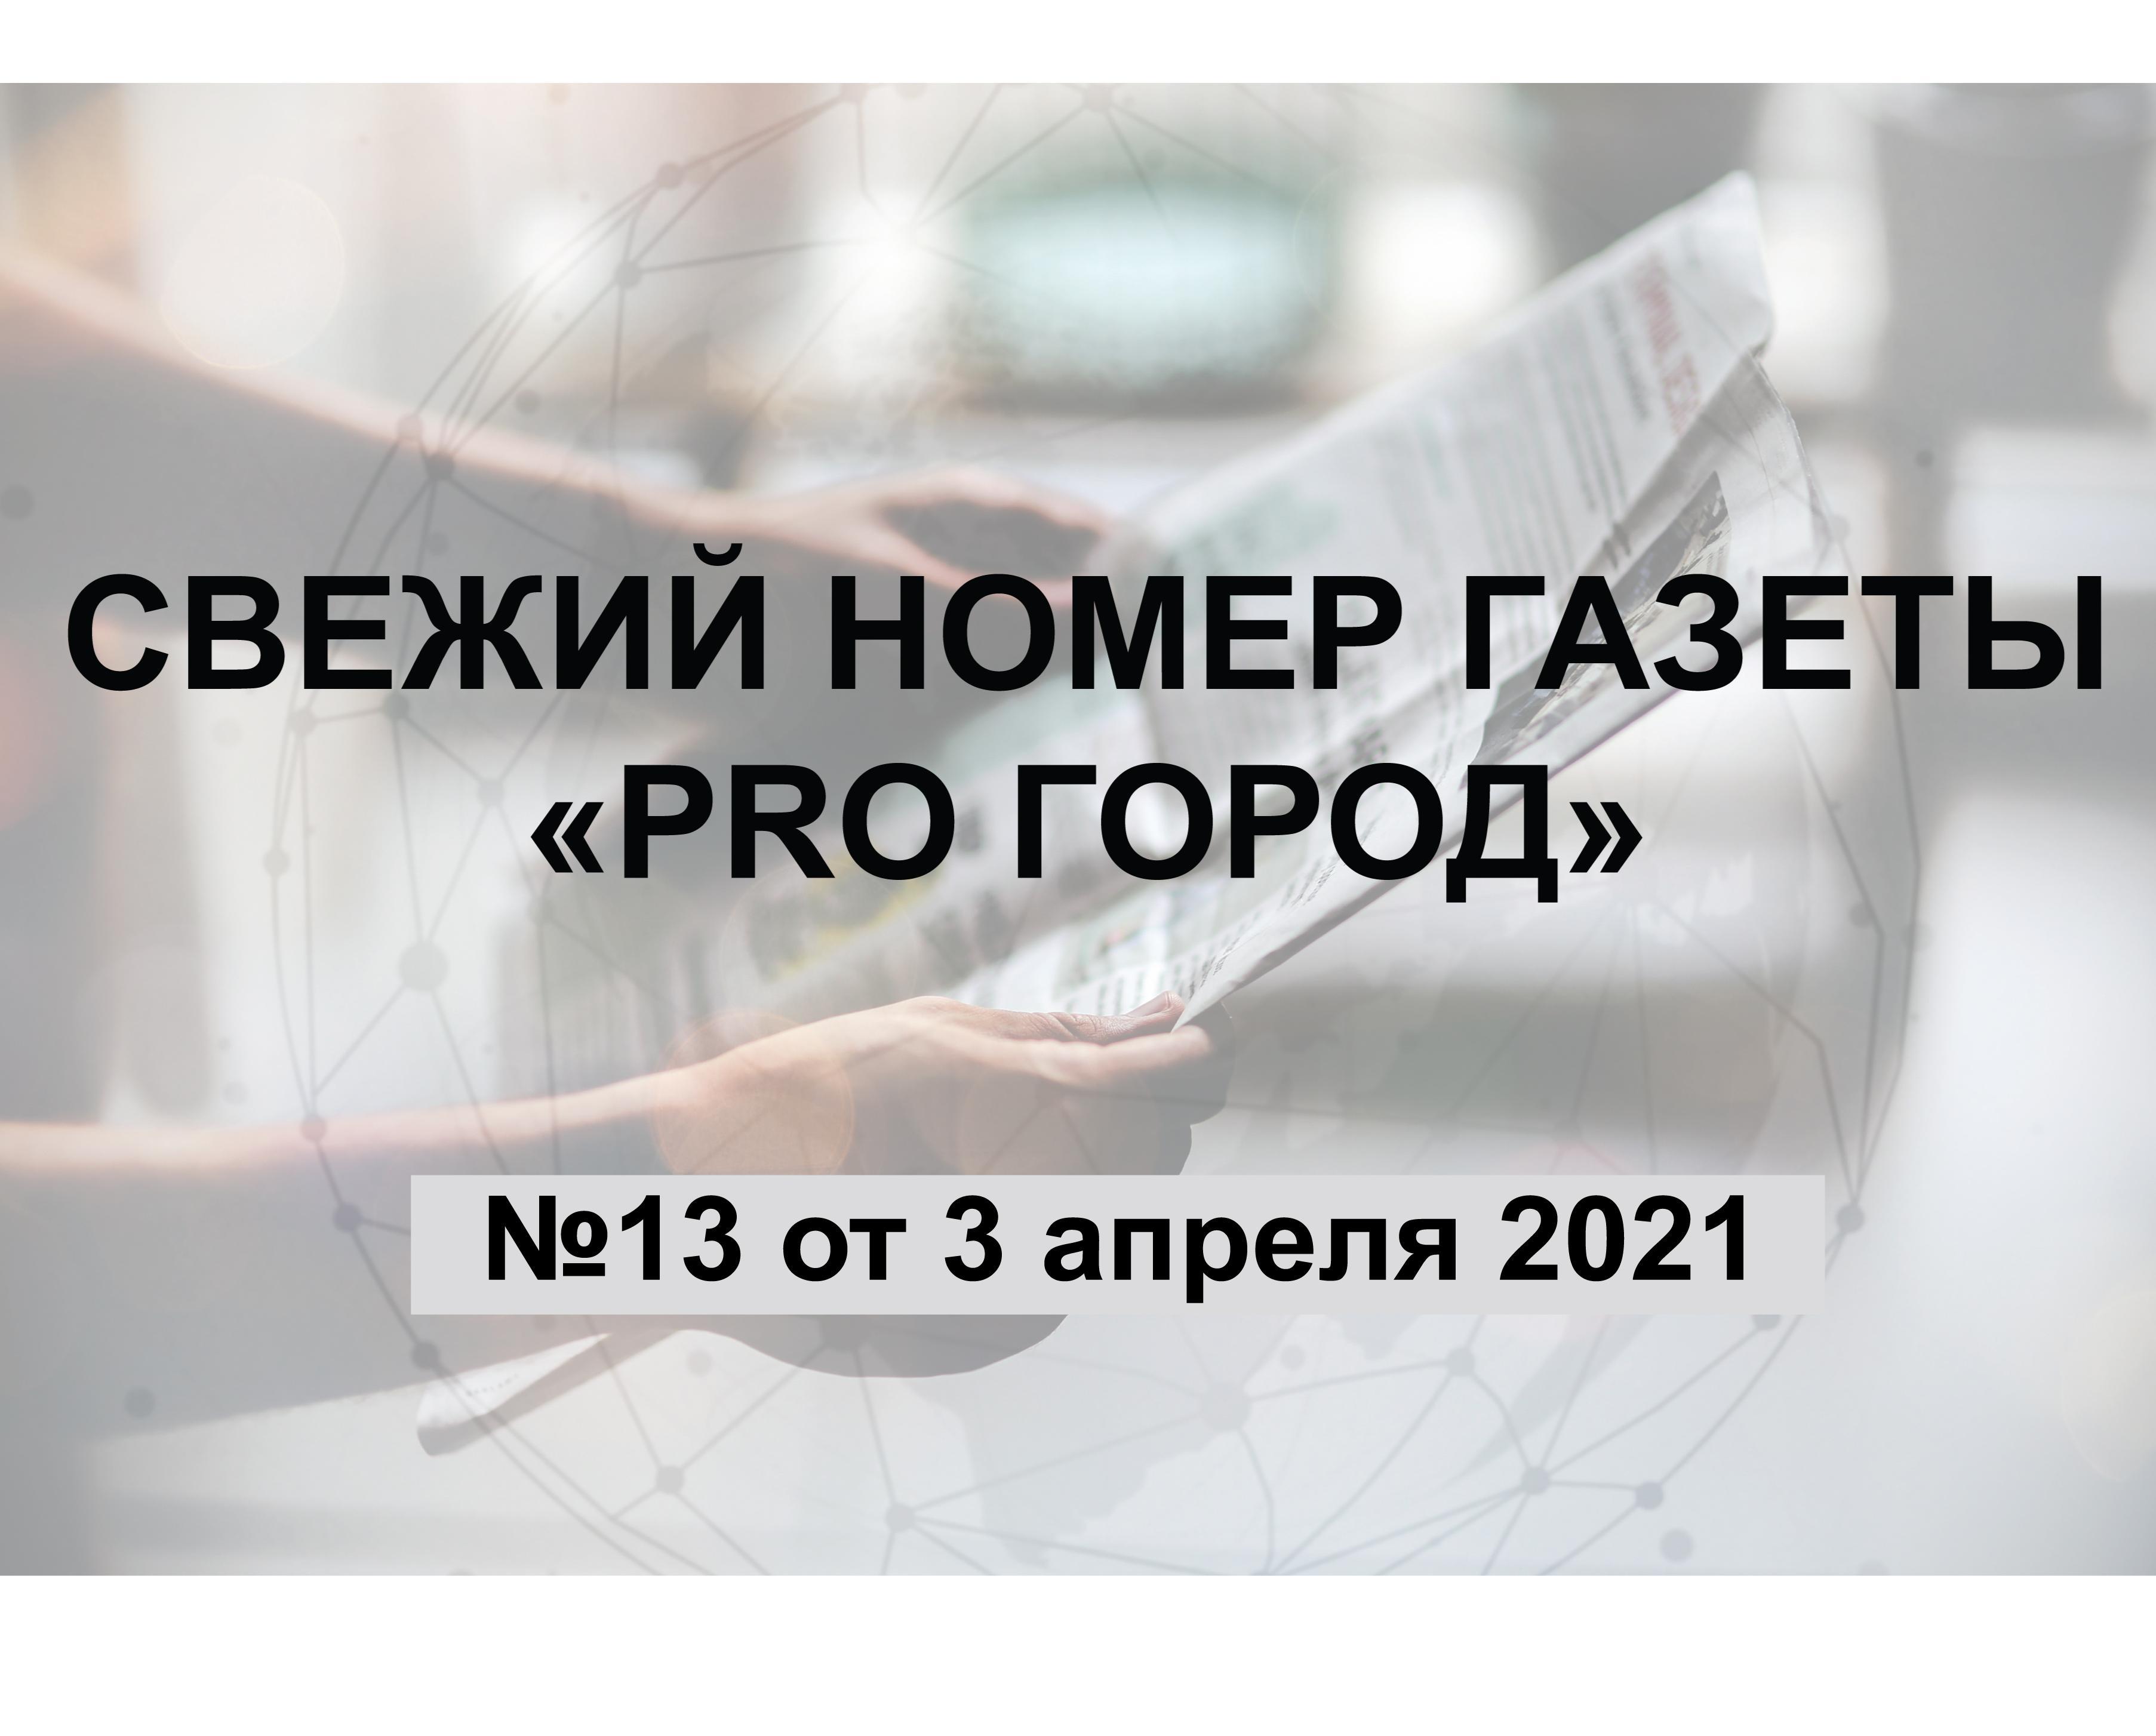 Газета «Pro Город Кирово-Чепецк» номер 13 от 3 апреля 2021 года